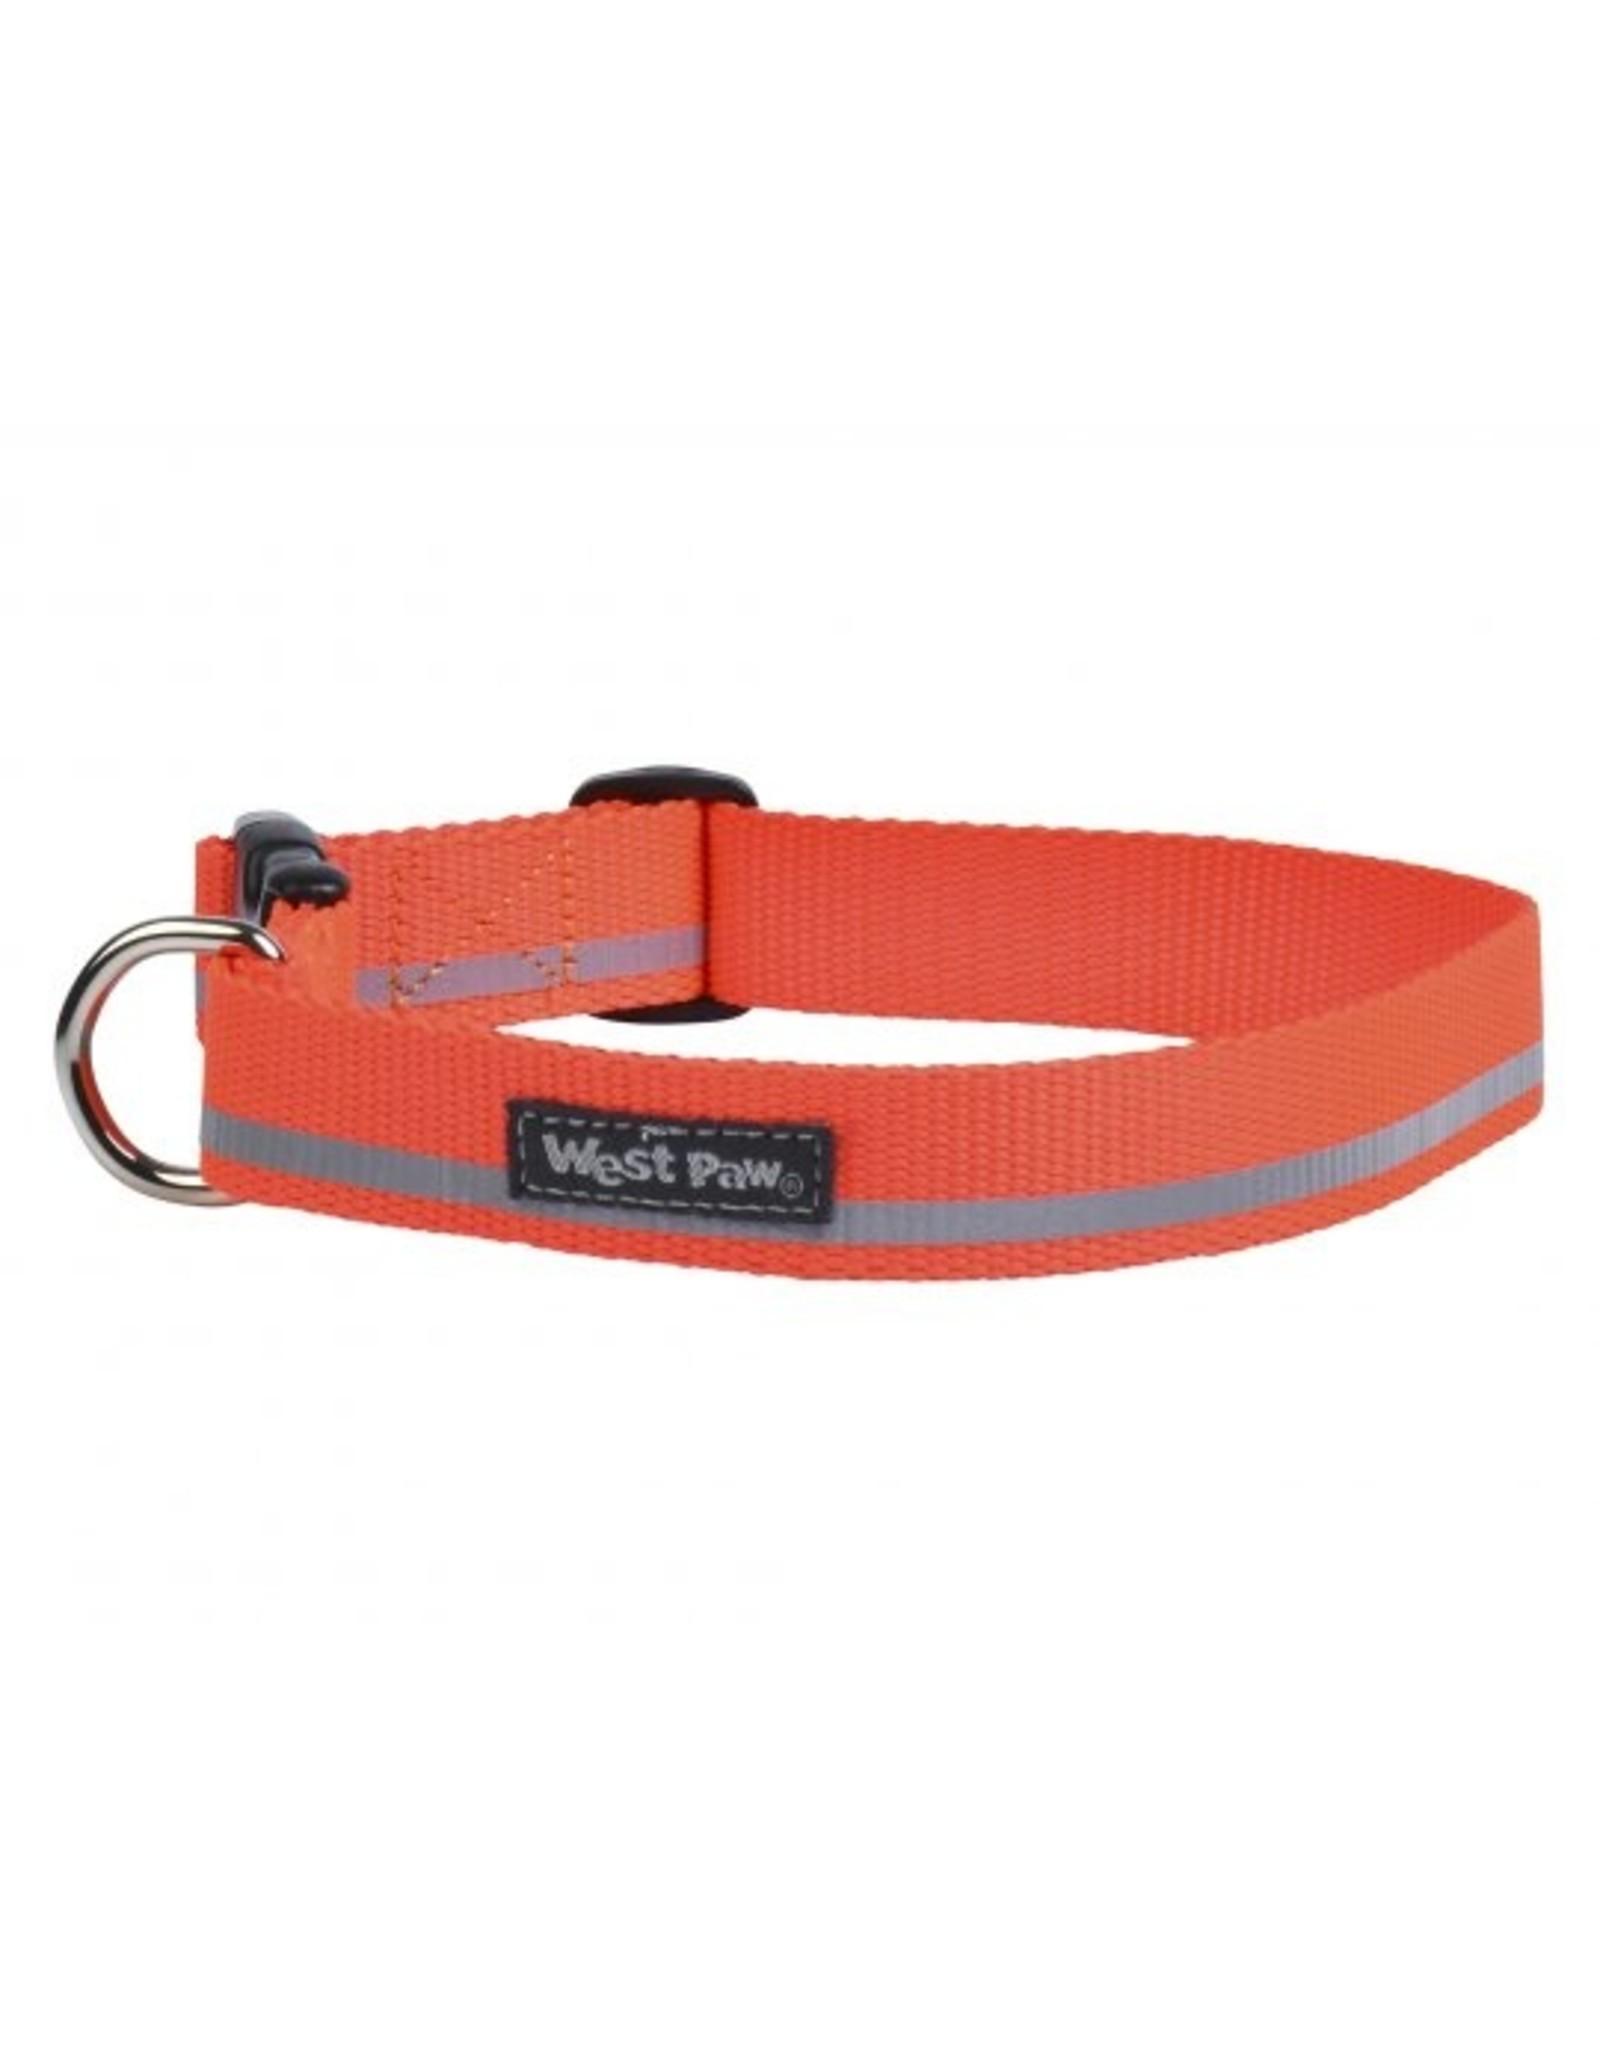 West Paw Designs Westpaw: Strolls Collar Large Neon Orange Reflective